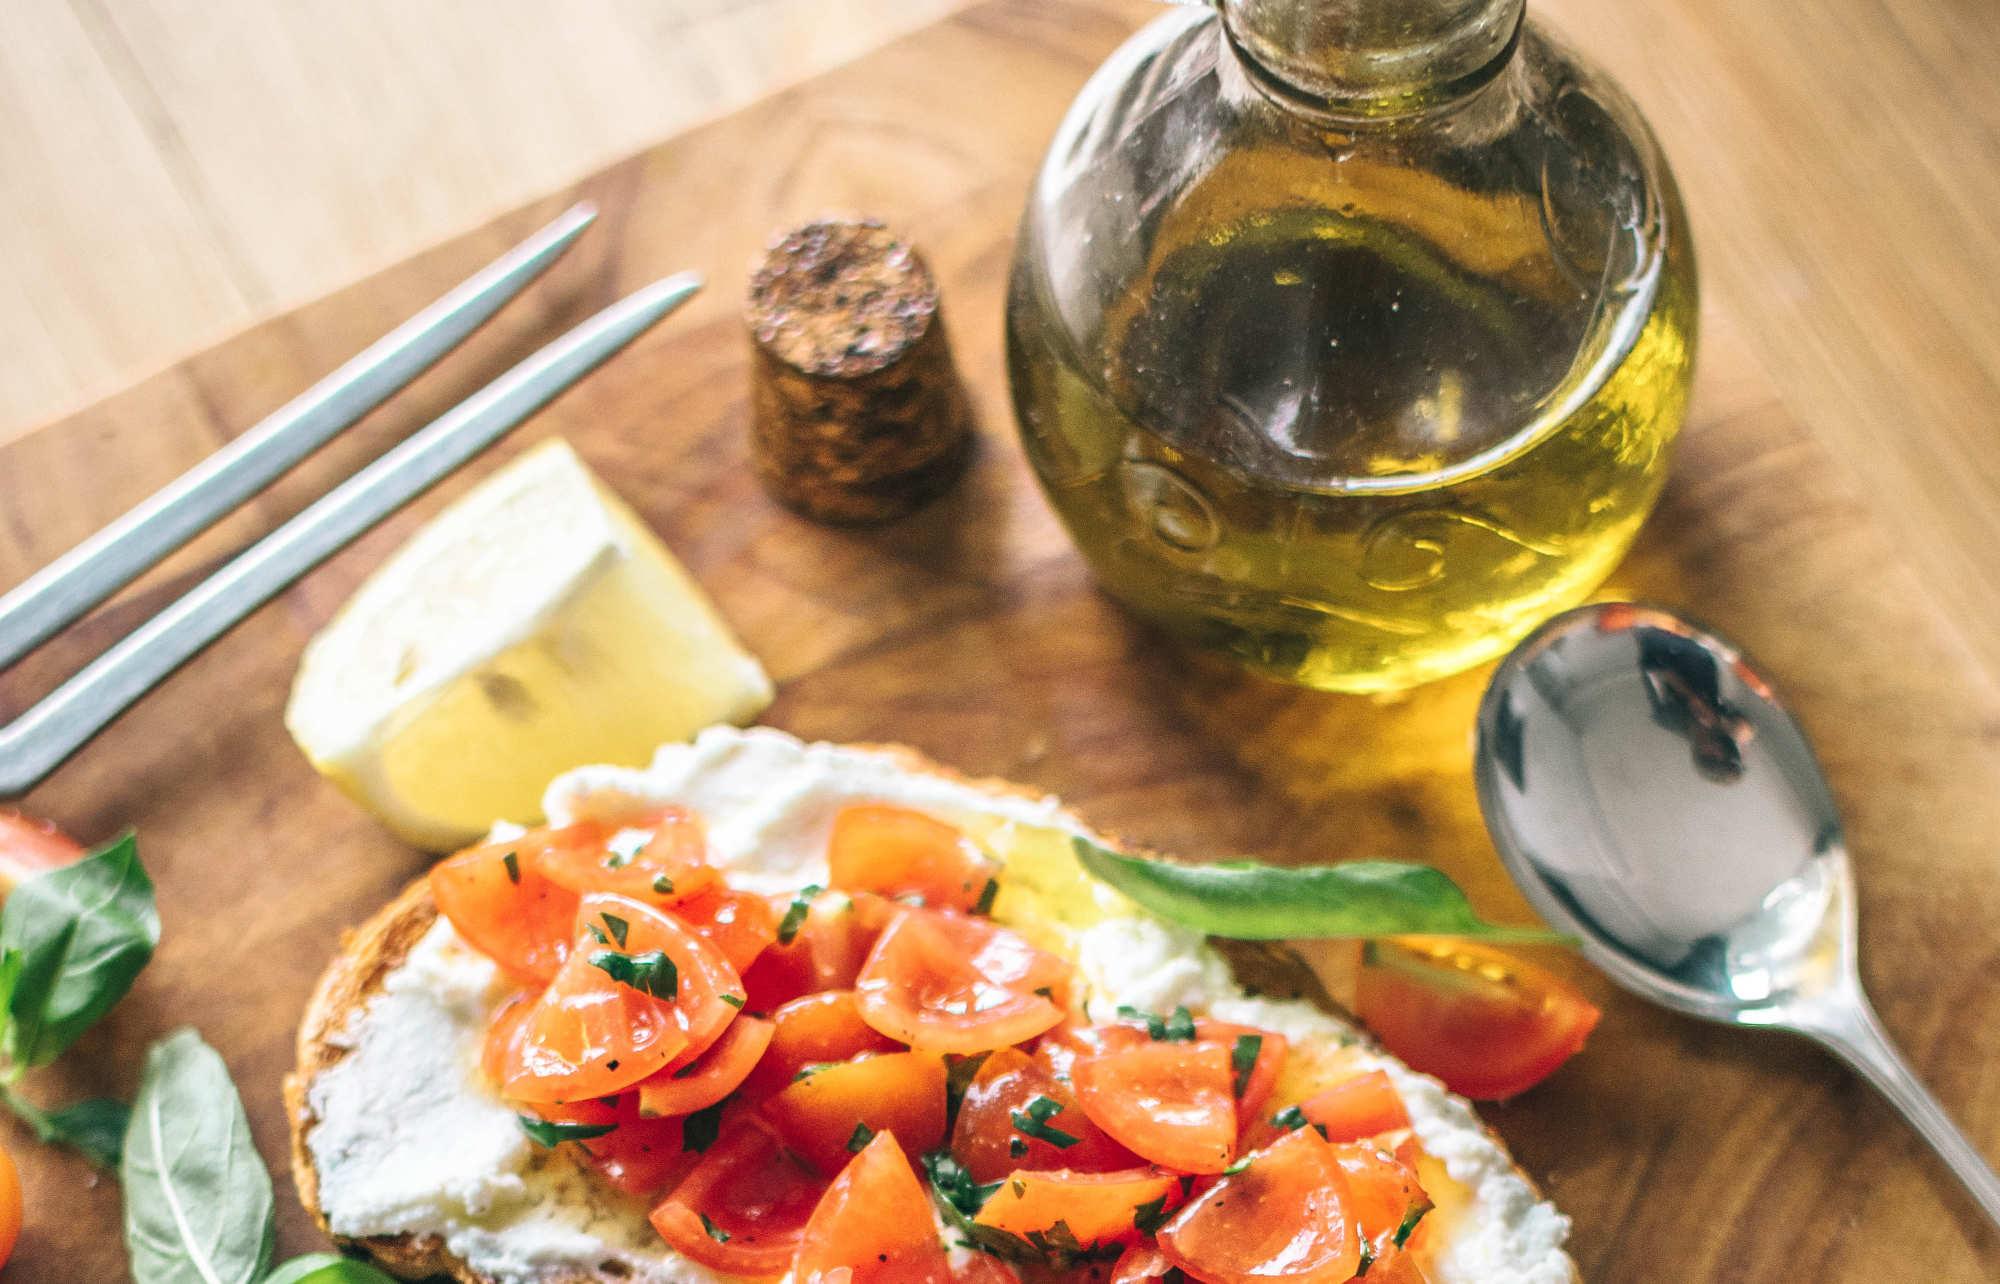 Huile d'olive et régime méditerranéen unis contre les maladies liées au vieillissement